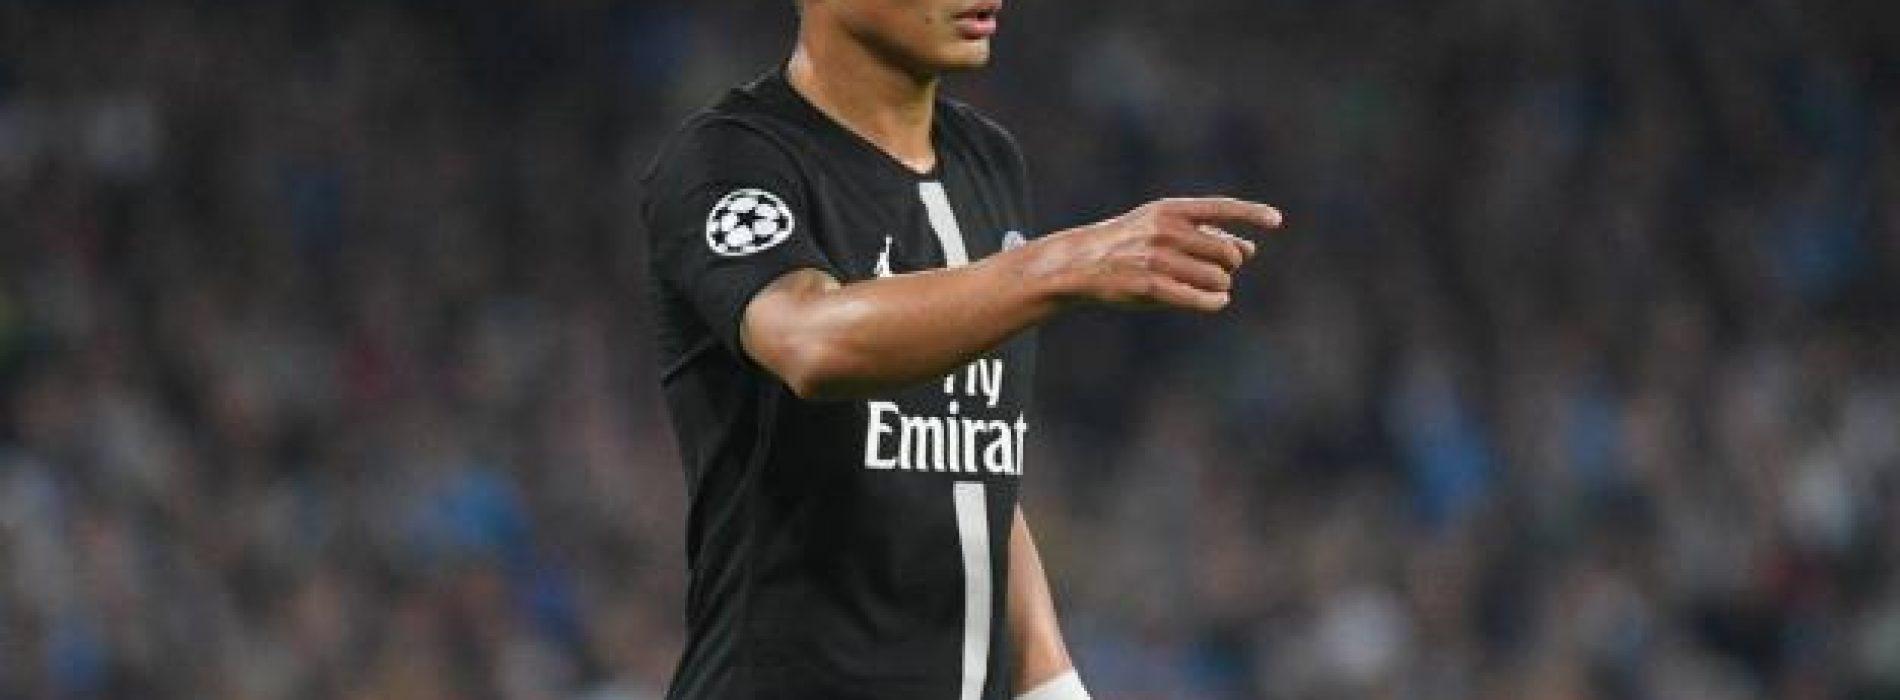 """PSG Neymar Thiago Silva: """"Ci aiuterà a vincere la Champions"""""""